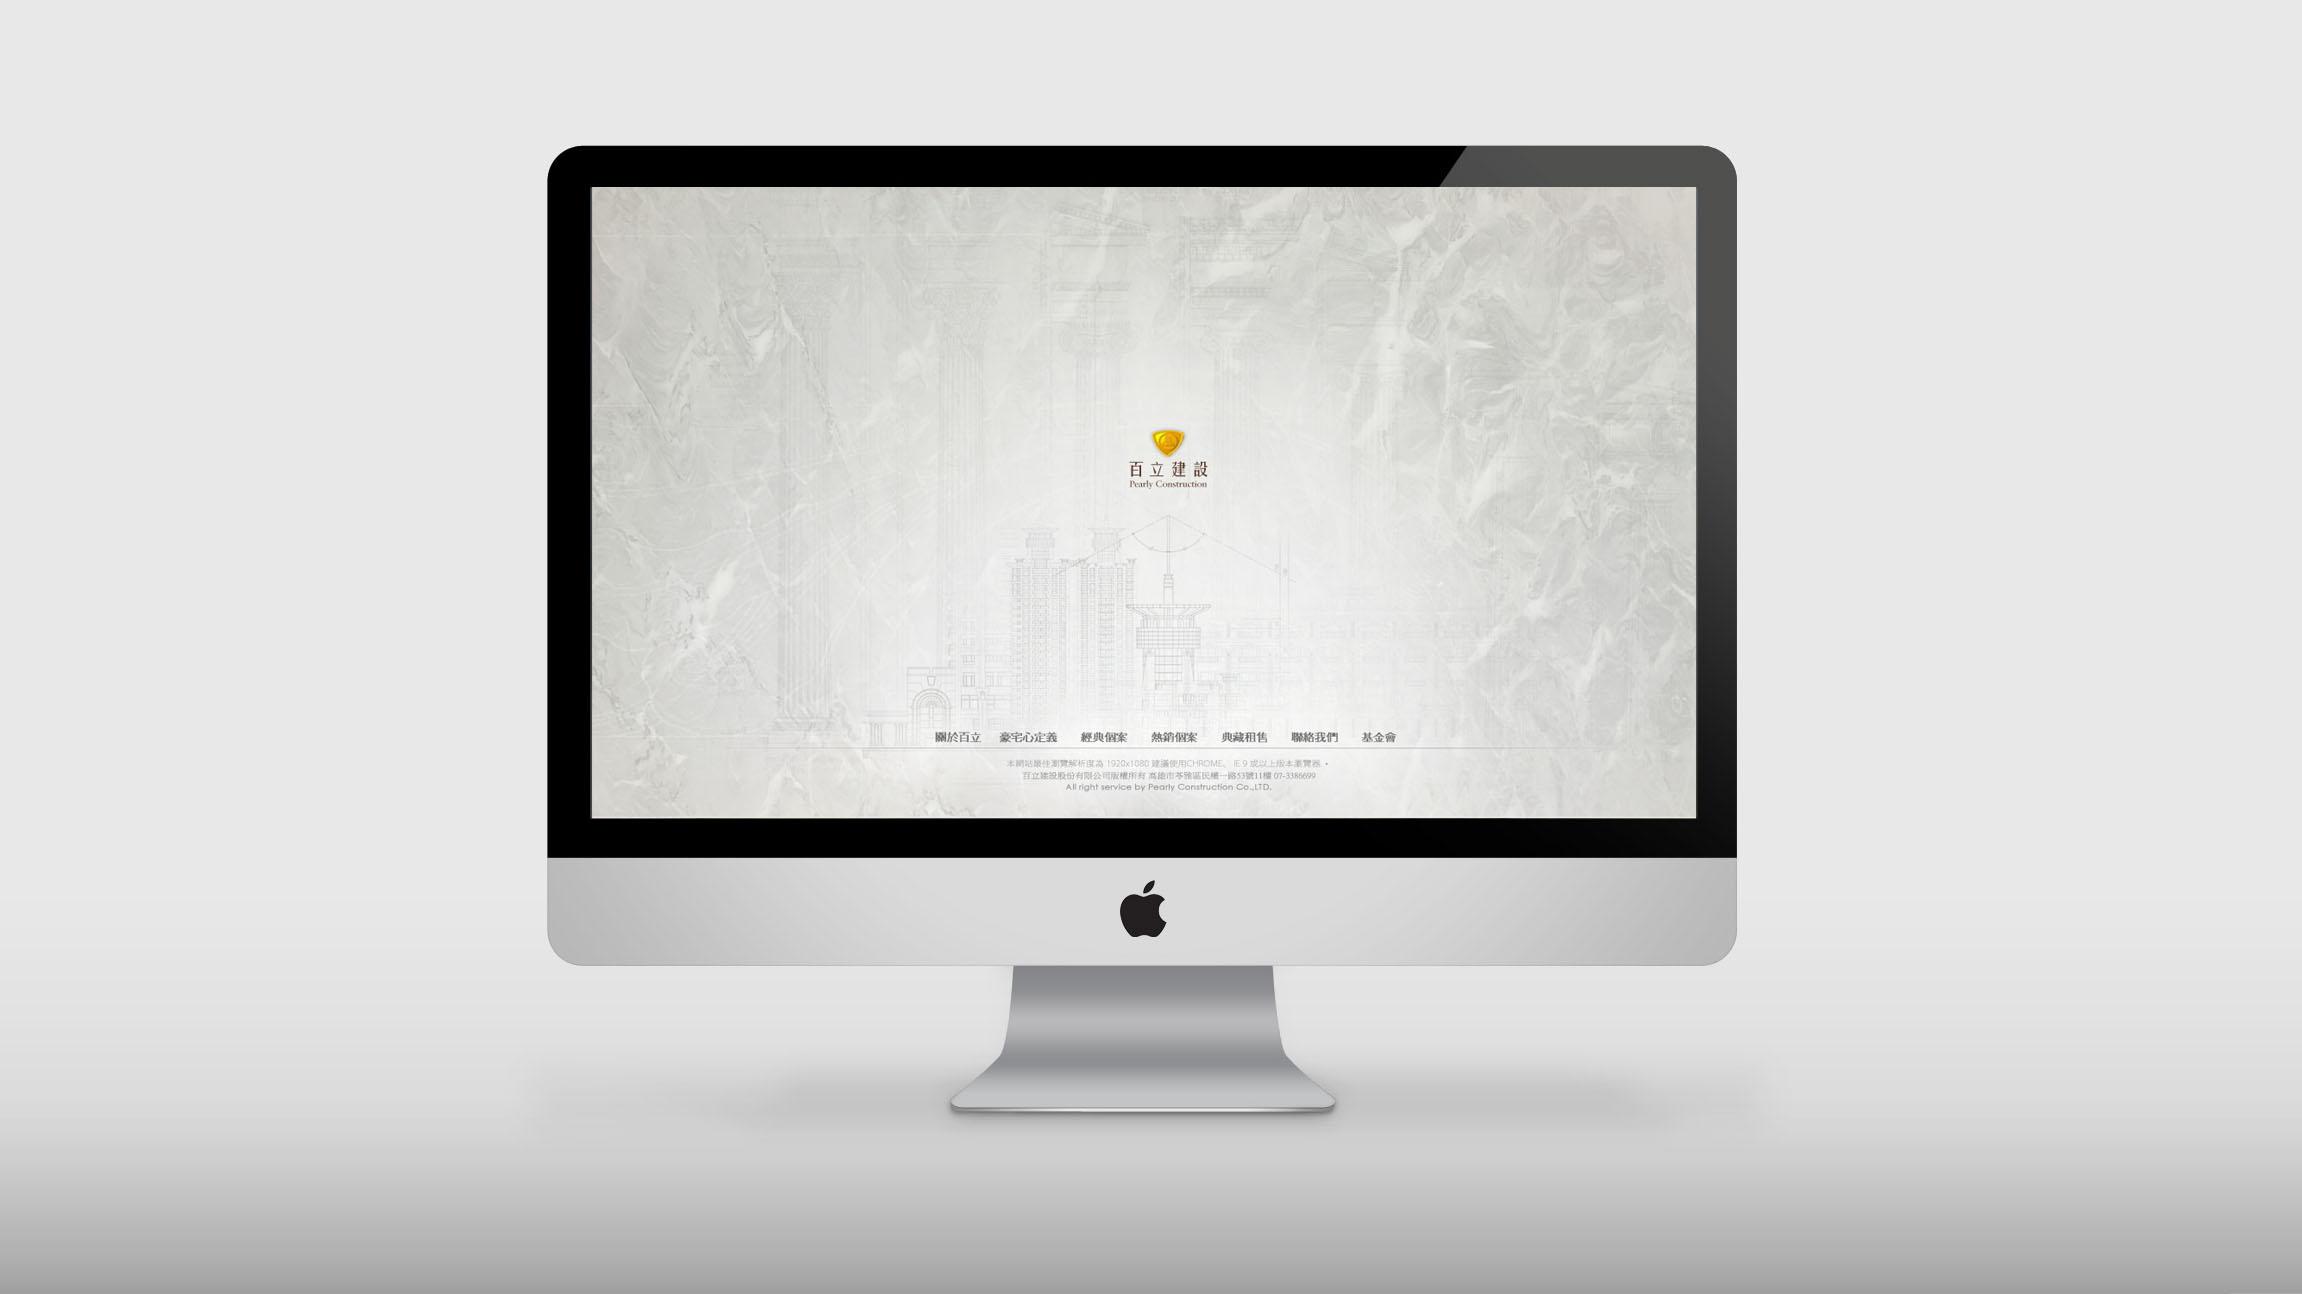 0114 百立建設官網建構 網站版型精稿提案 1首頁 iMac